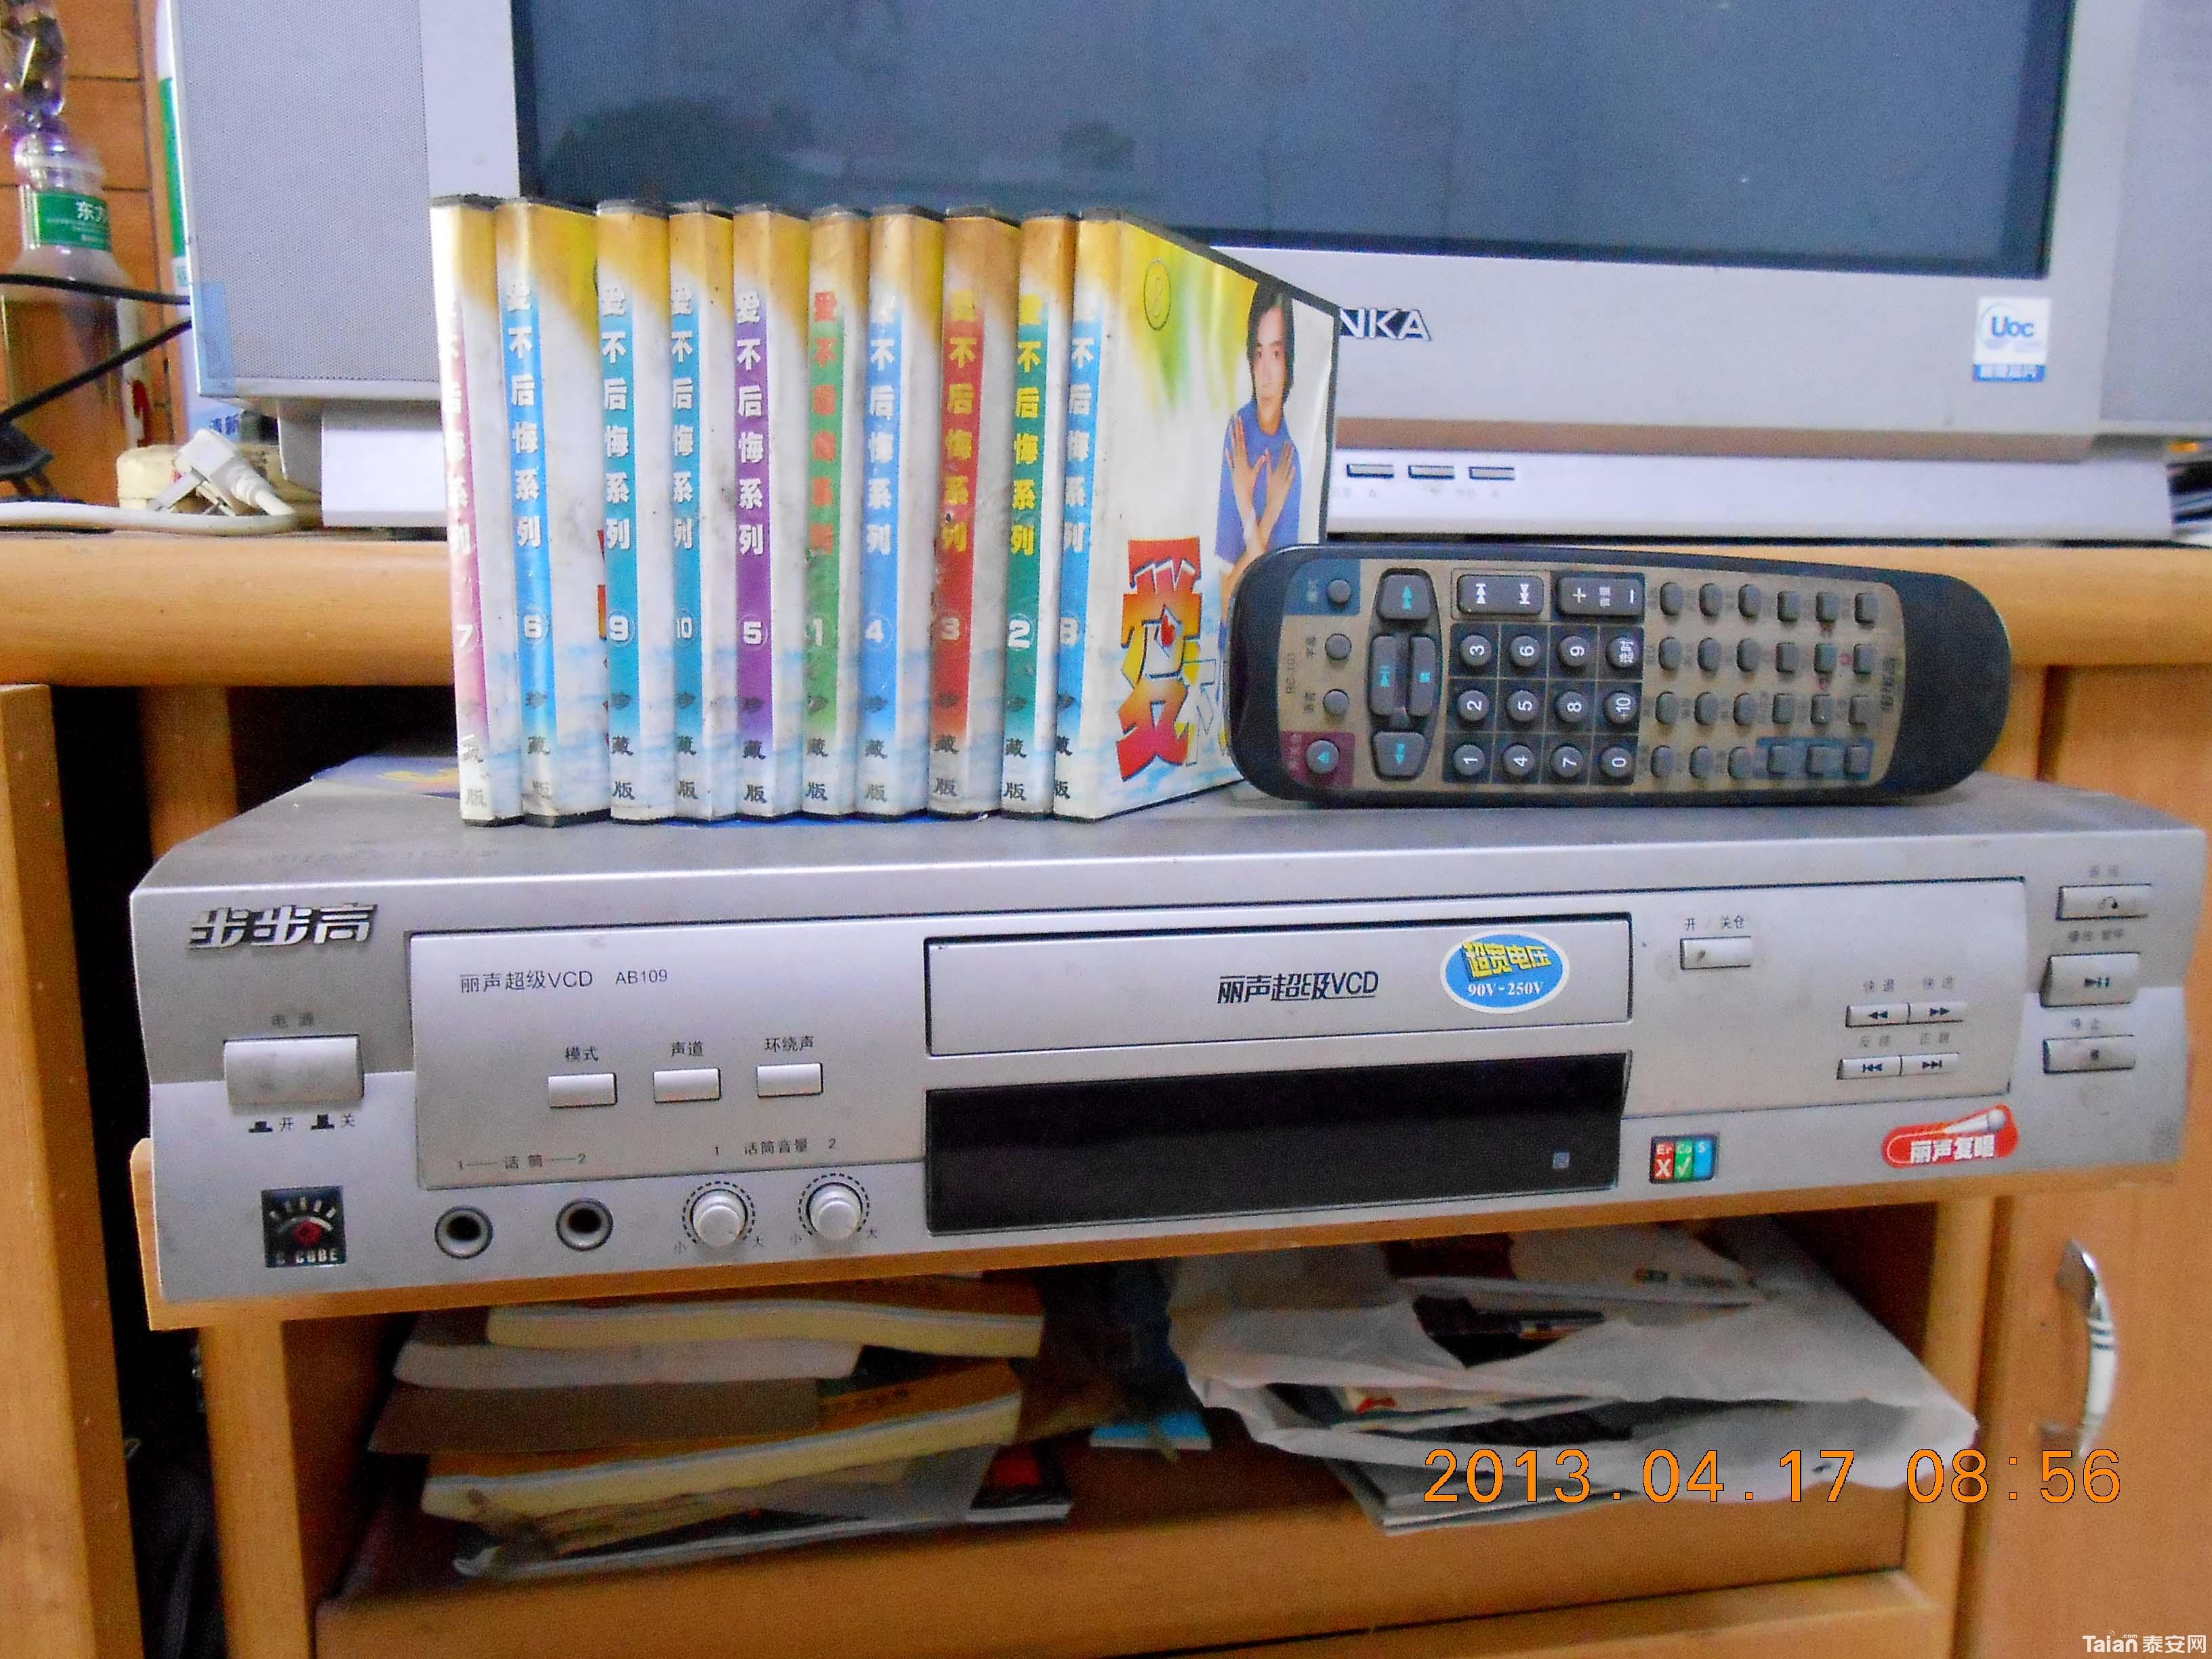 电脑配件 内存 cpu 键盘 硬盘 机箱 显示器 主板 电源 显卡 网卡 猫 路由器 1、话筒两个,一个用过几次,另一个全新。原价35现20元处理。 2、一代512内存条2根,45每条。 3、478针的赛扬D2.26 CPU两个每个5元,p42.8一个20元。 4、监控用高清视频采集卡两个,一个4路的100元,一个8路的160元。 5、键盘三个正常使用,成色一般,5元一个任选。 6、长城电源一个,分量很重,坏了。会修的拿去吧,10元。 7、正常使用电源两个,具体参数见图,一个25元。 8、17寸大头显示器